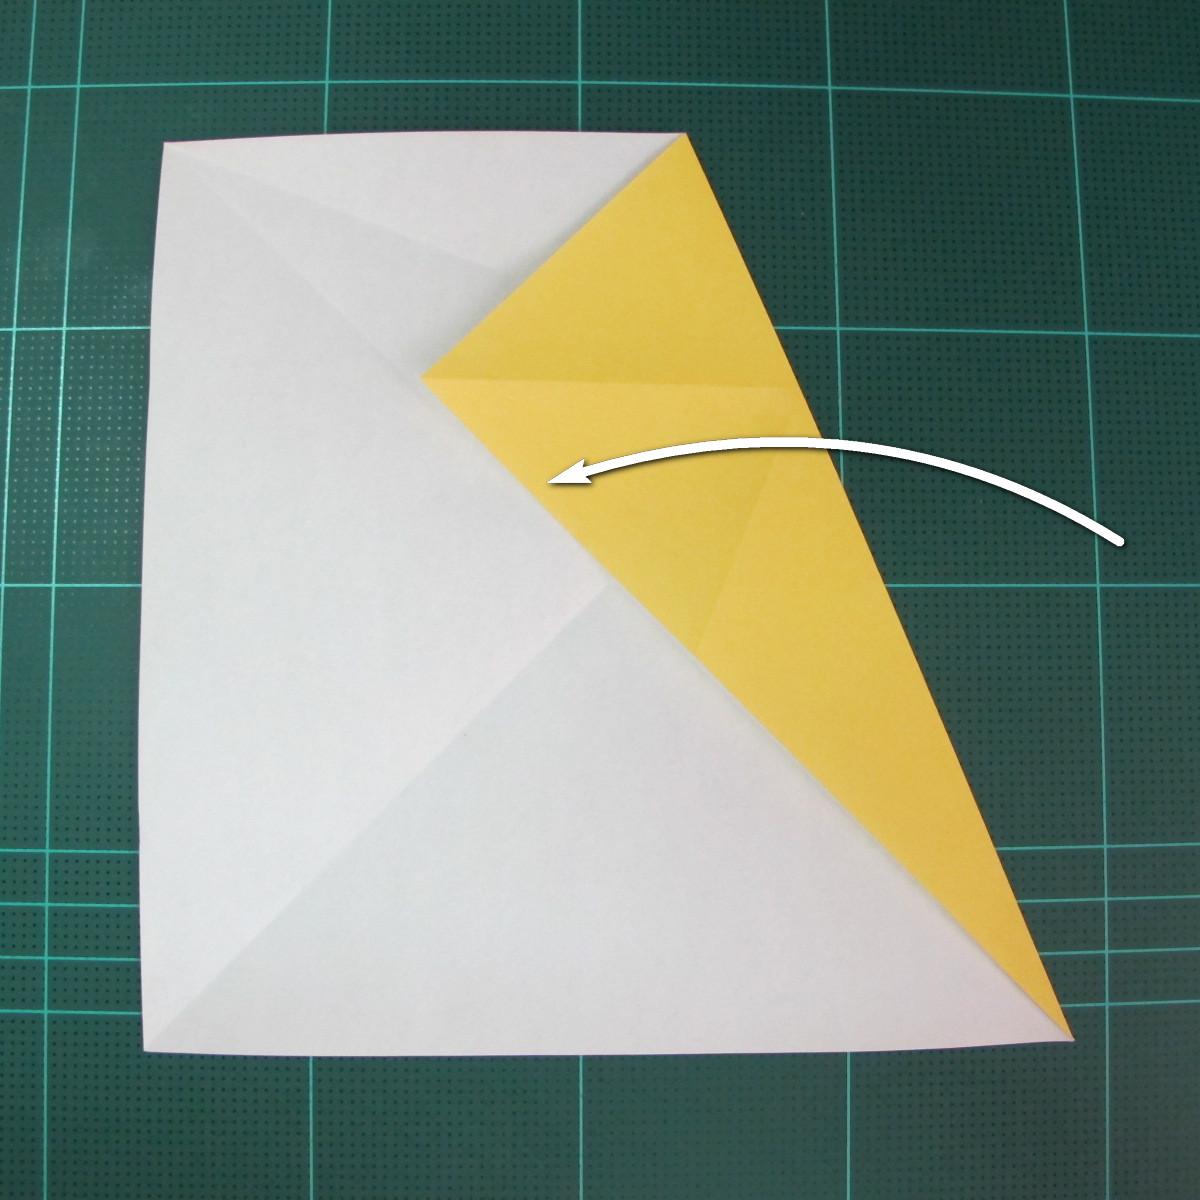 วิธีการพับกระดาษรูปม้าน้ำ (Origami Seahorse) 005